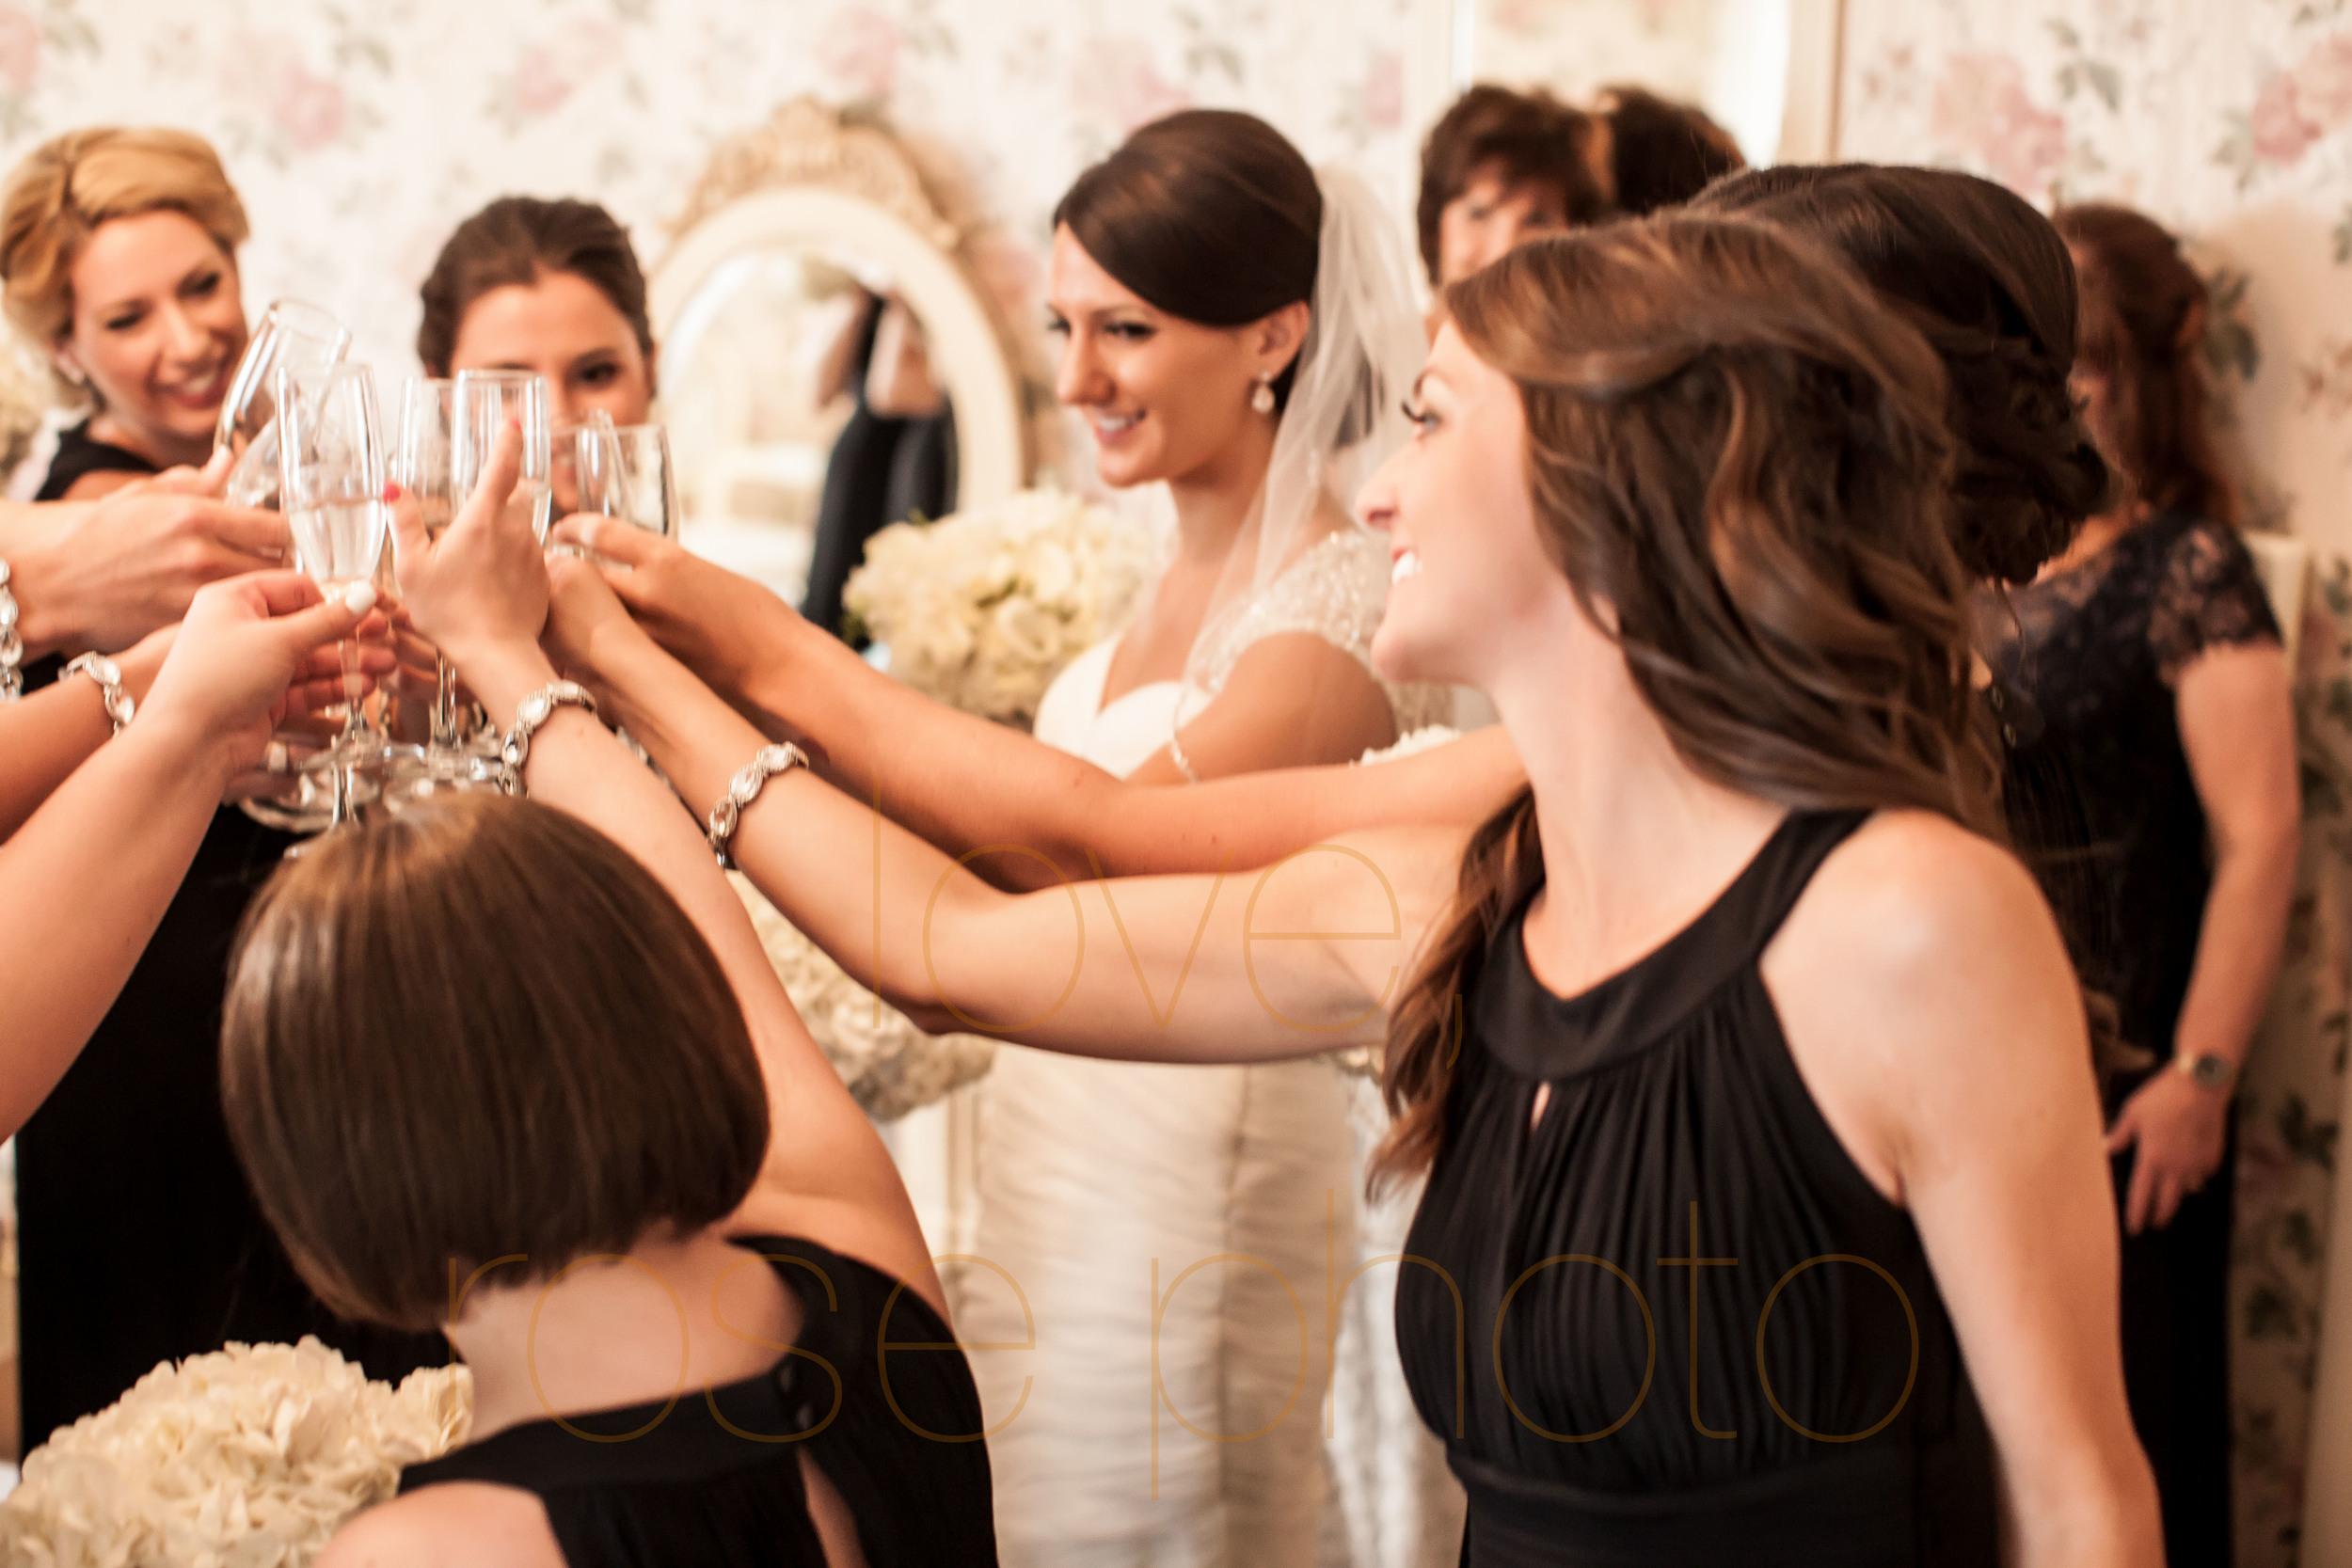 ellen + bryan chicago wedding joliet james healy mansion portrait lifestyle photojournalist photographer -011.jpg